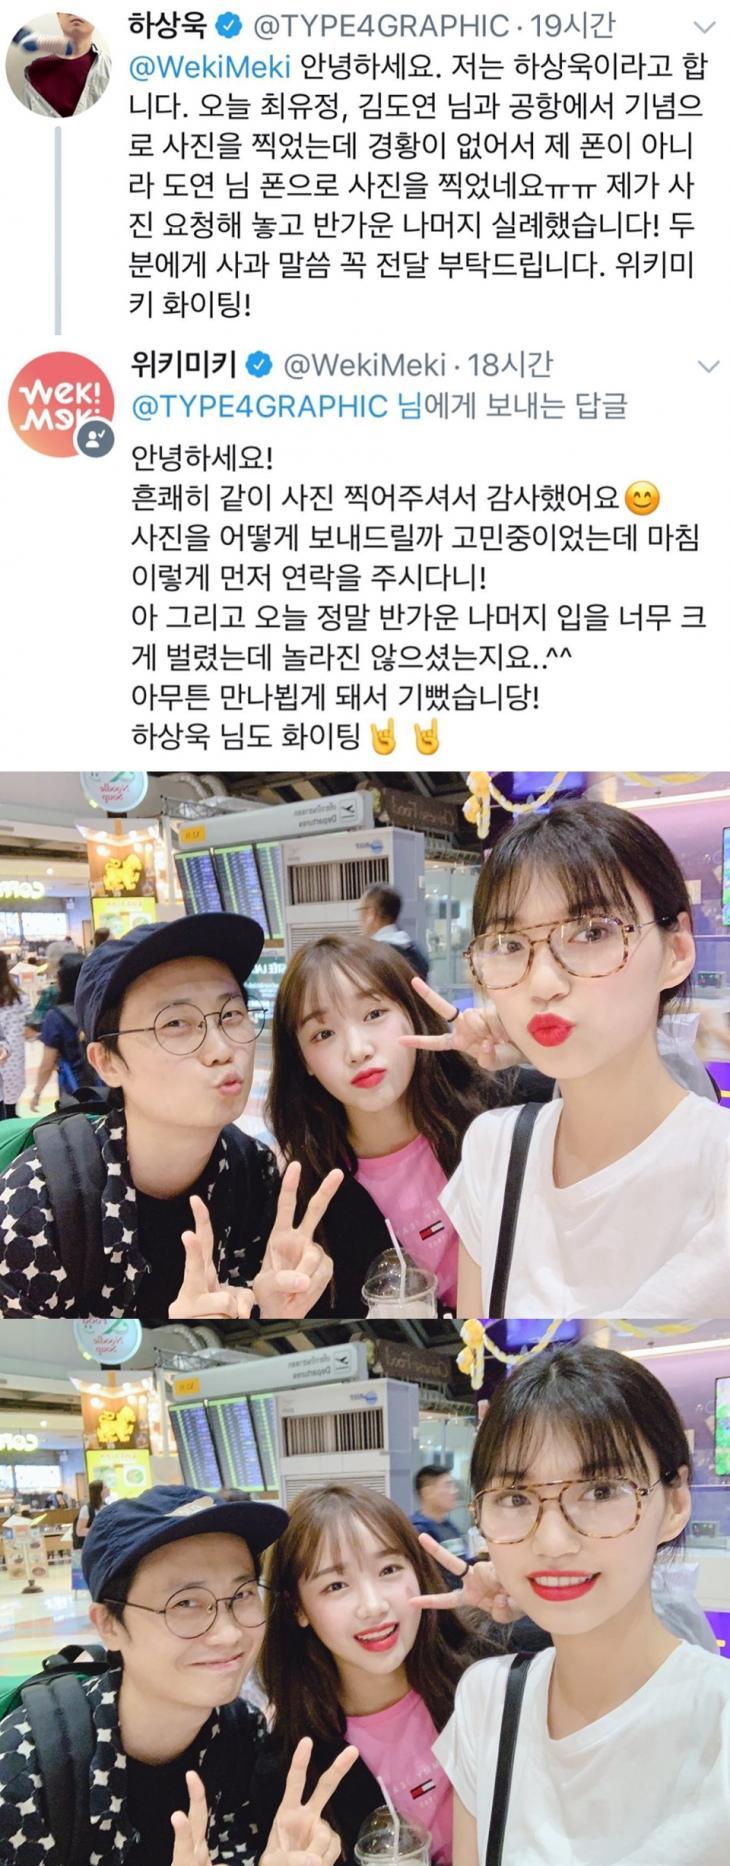 하상욱-최유정-김도연 / 하상욱-위키미키 트위터, 온라인 커뮤니티